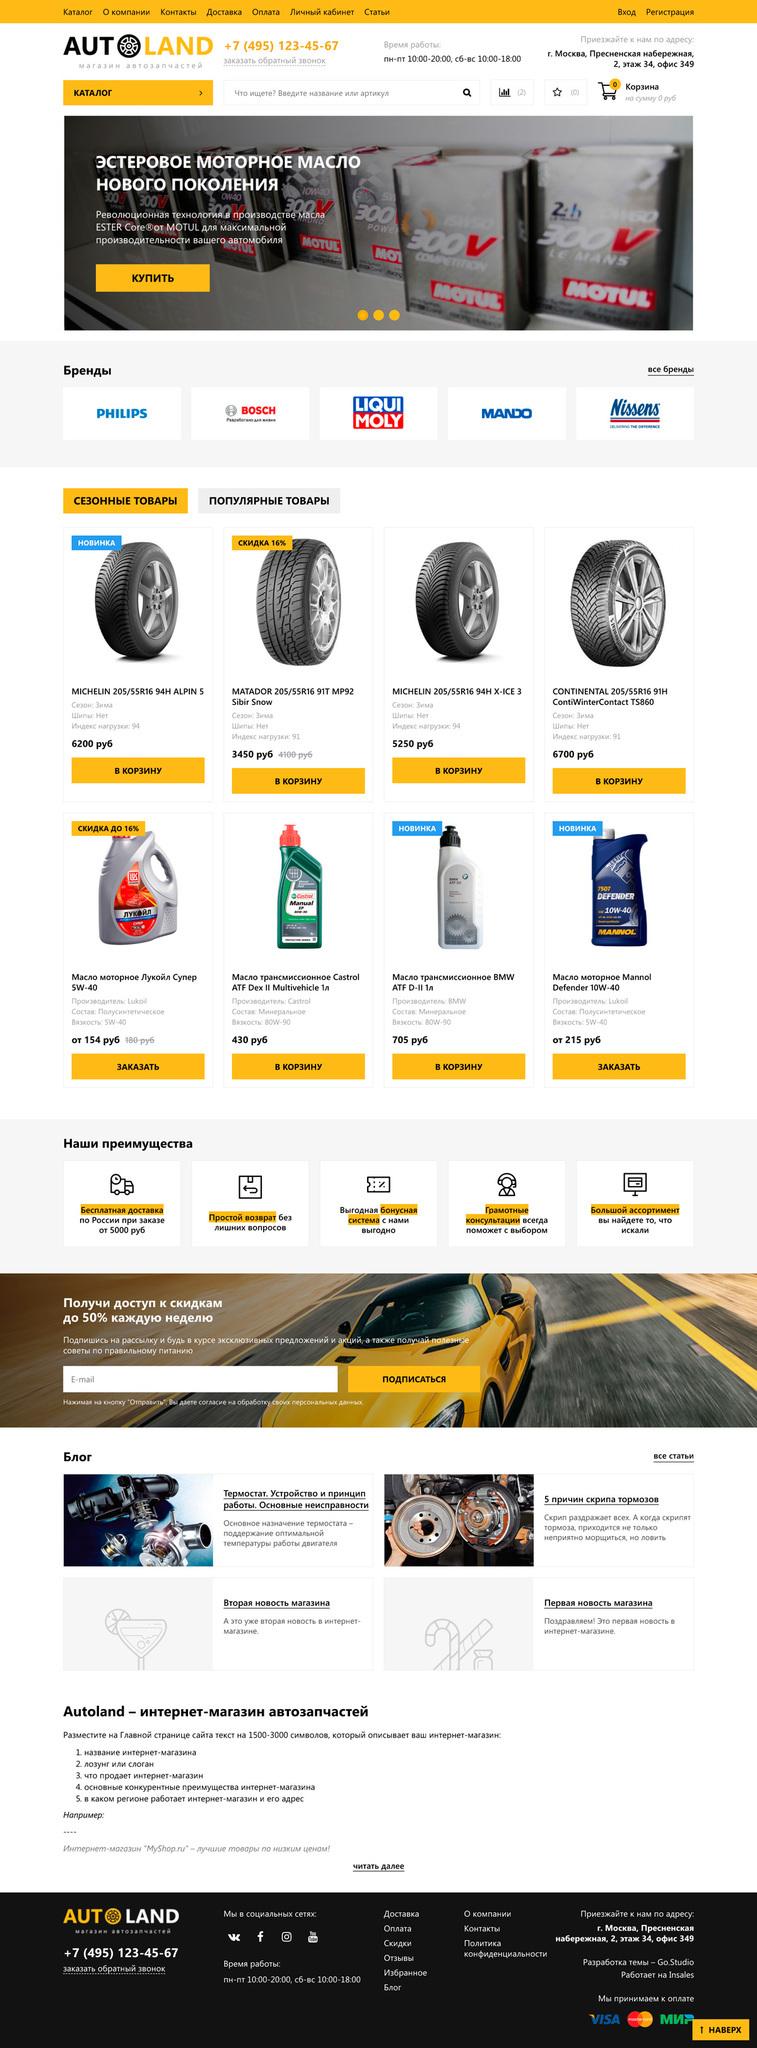 Шаблон интернет магазина - Auto Land